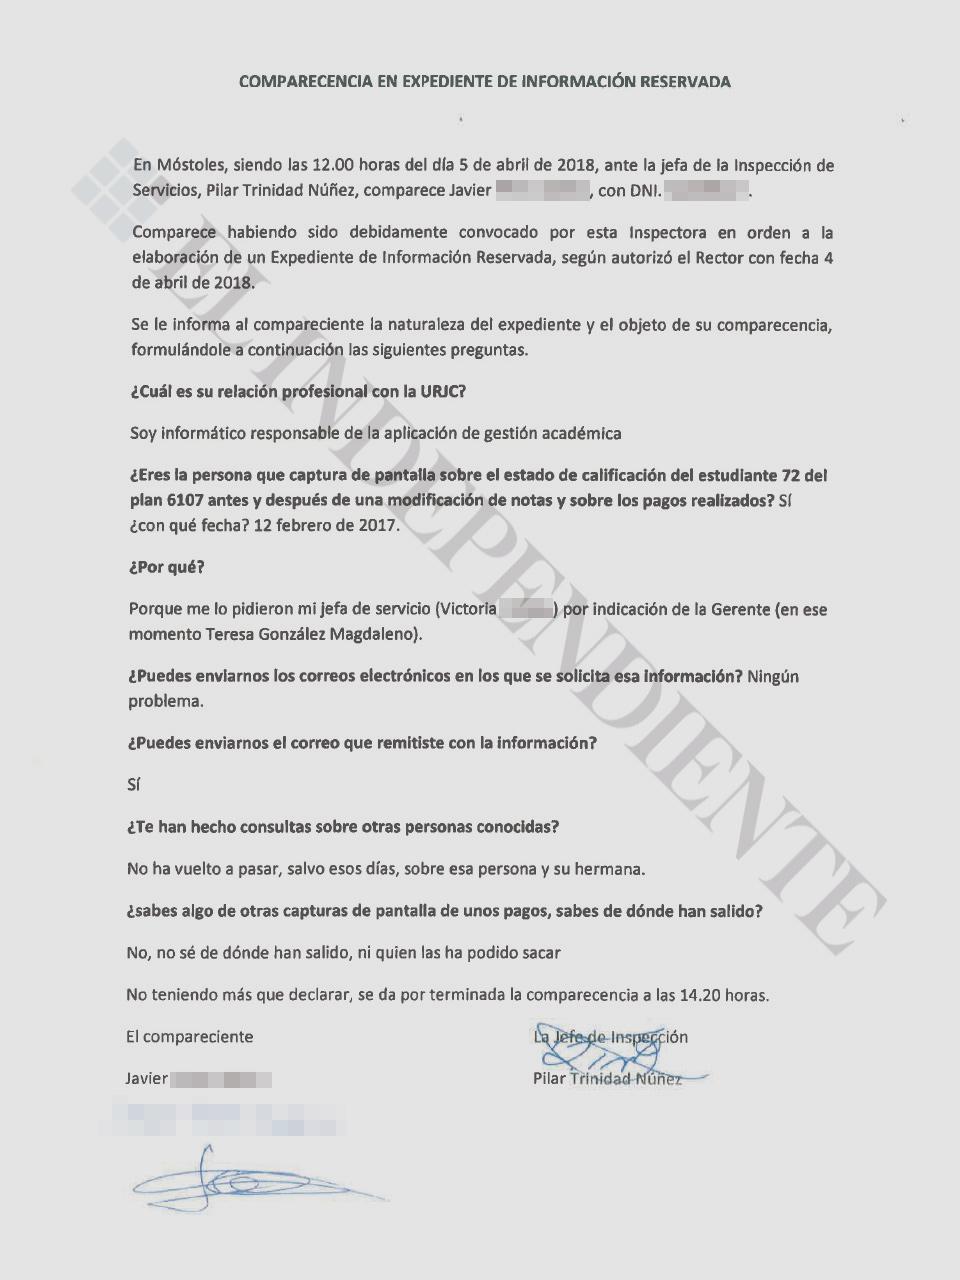 Acta de la declaración del informáticoJavier P.I. ante la jefa de Inspección de Servicios de la URJC.